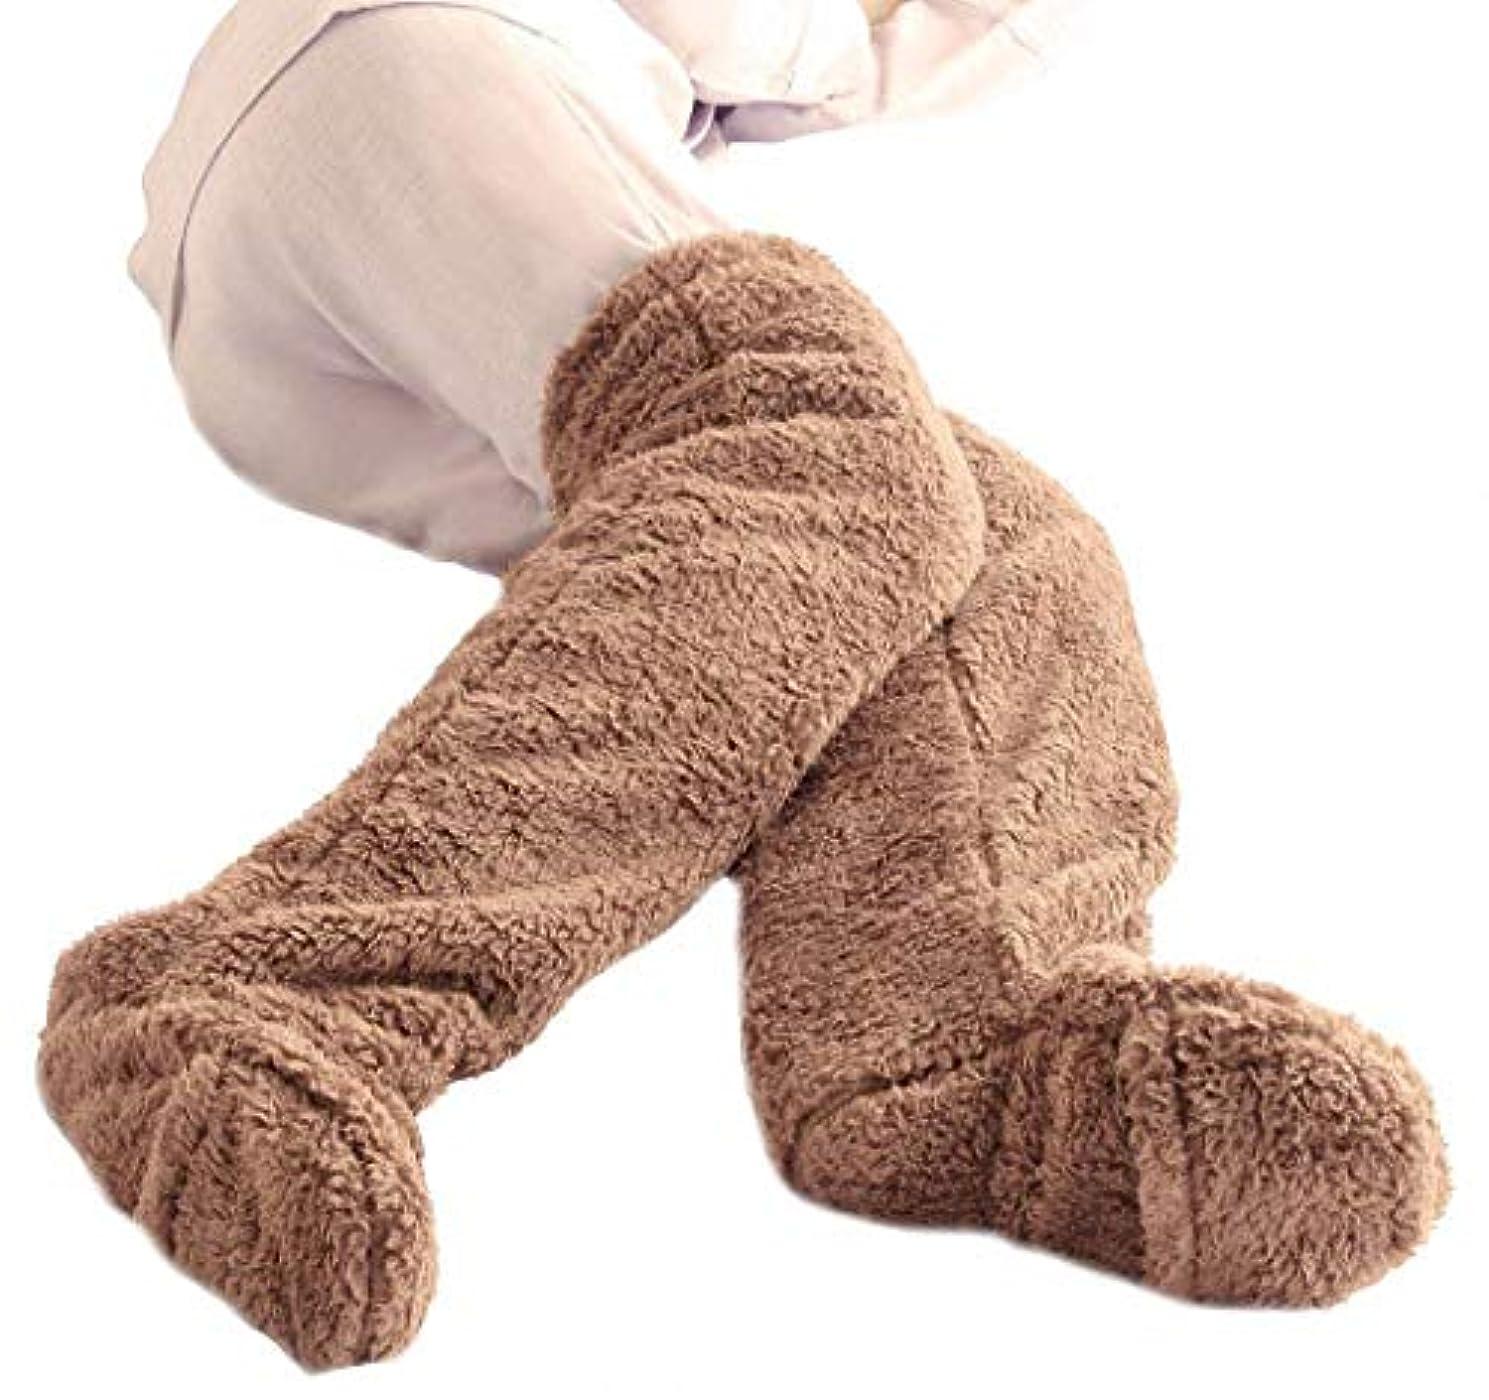 非難近代化するガスフリース生地 室内履き 足が出せるロングカバー 軽量ヒートソックス 歩ける ロングカバー 極暖 ルームソックスルームシューズ